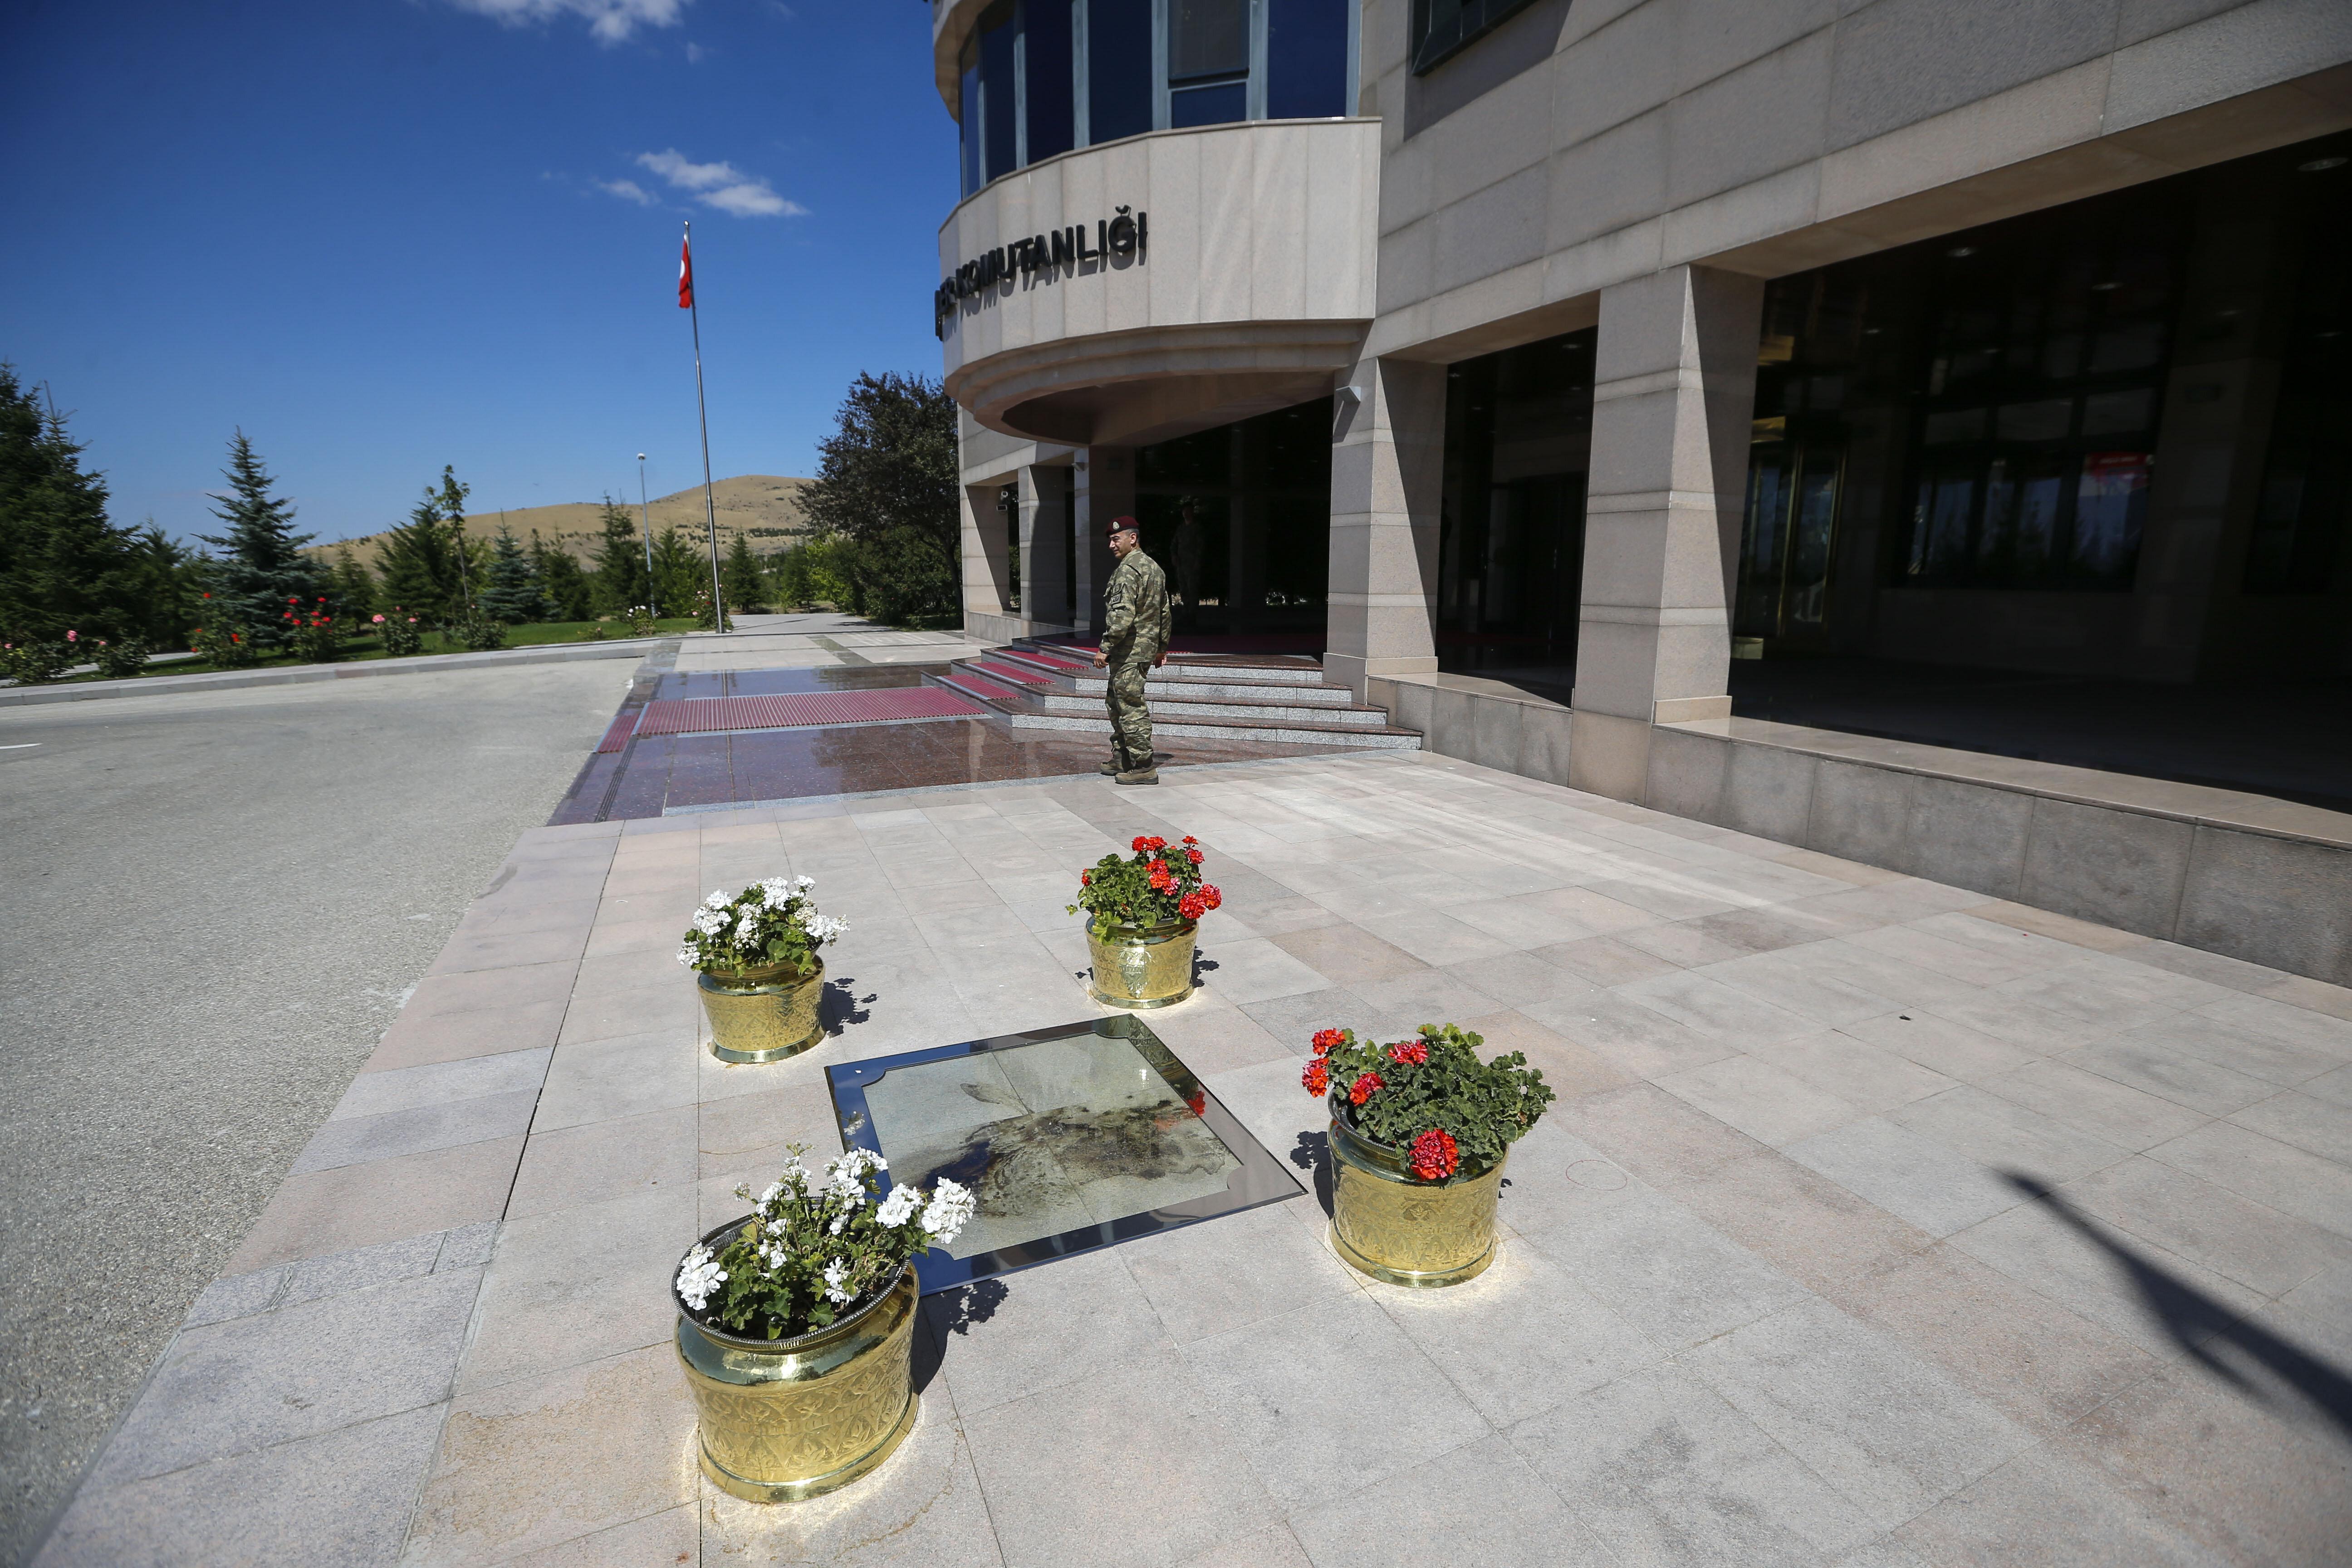 Şehidin, Özel Kuvvetler Komutanlığı giriş kapısı önünde yere düşen kutsal kanı özel bir kaplama ile koruma altına alınarak çiçeklerle süslendi.